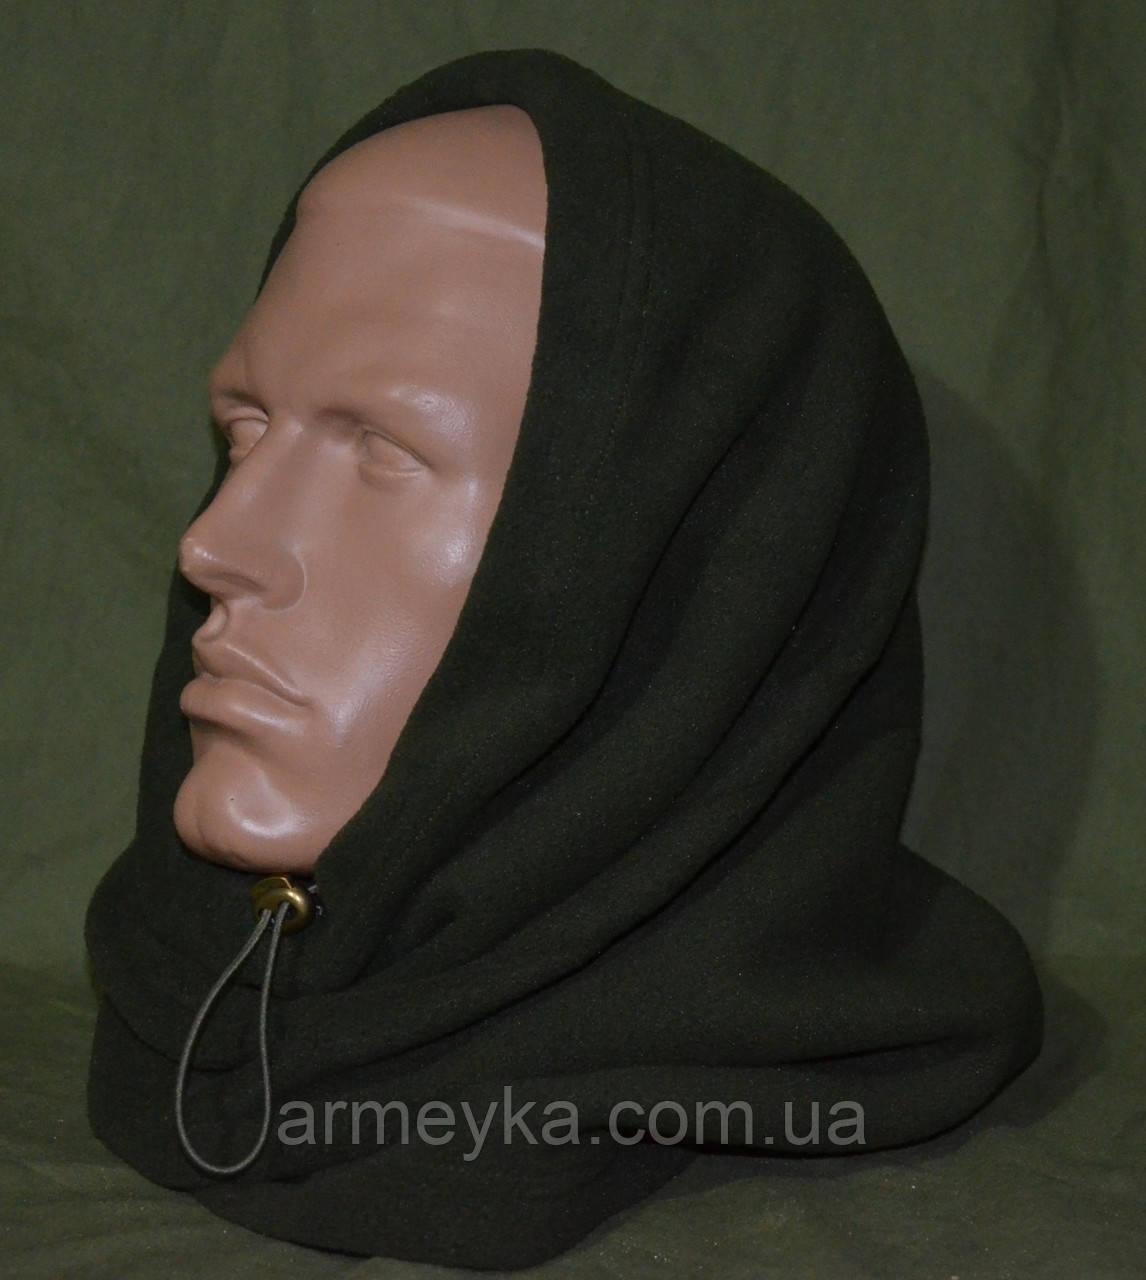 Зимний флисовый БАФ (шарф-труба) олива. НОВЫЙ, UA.